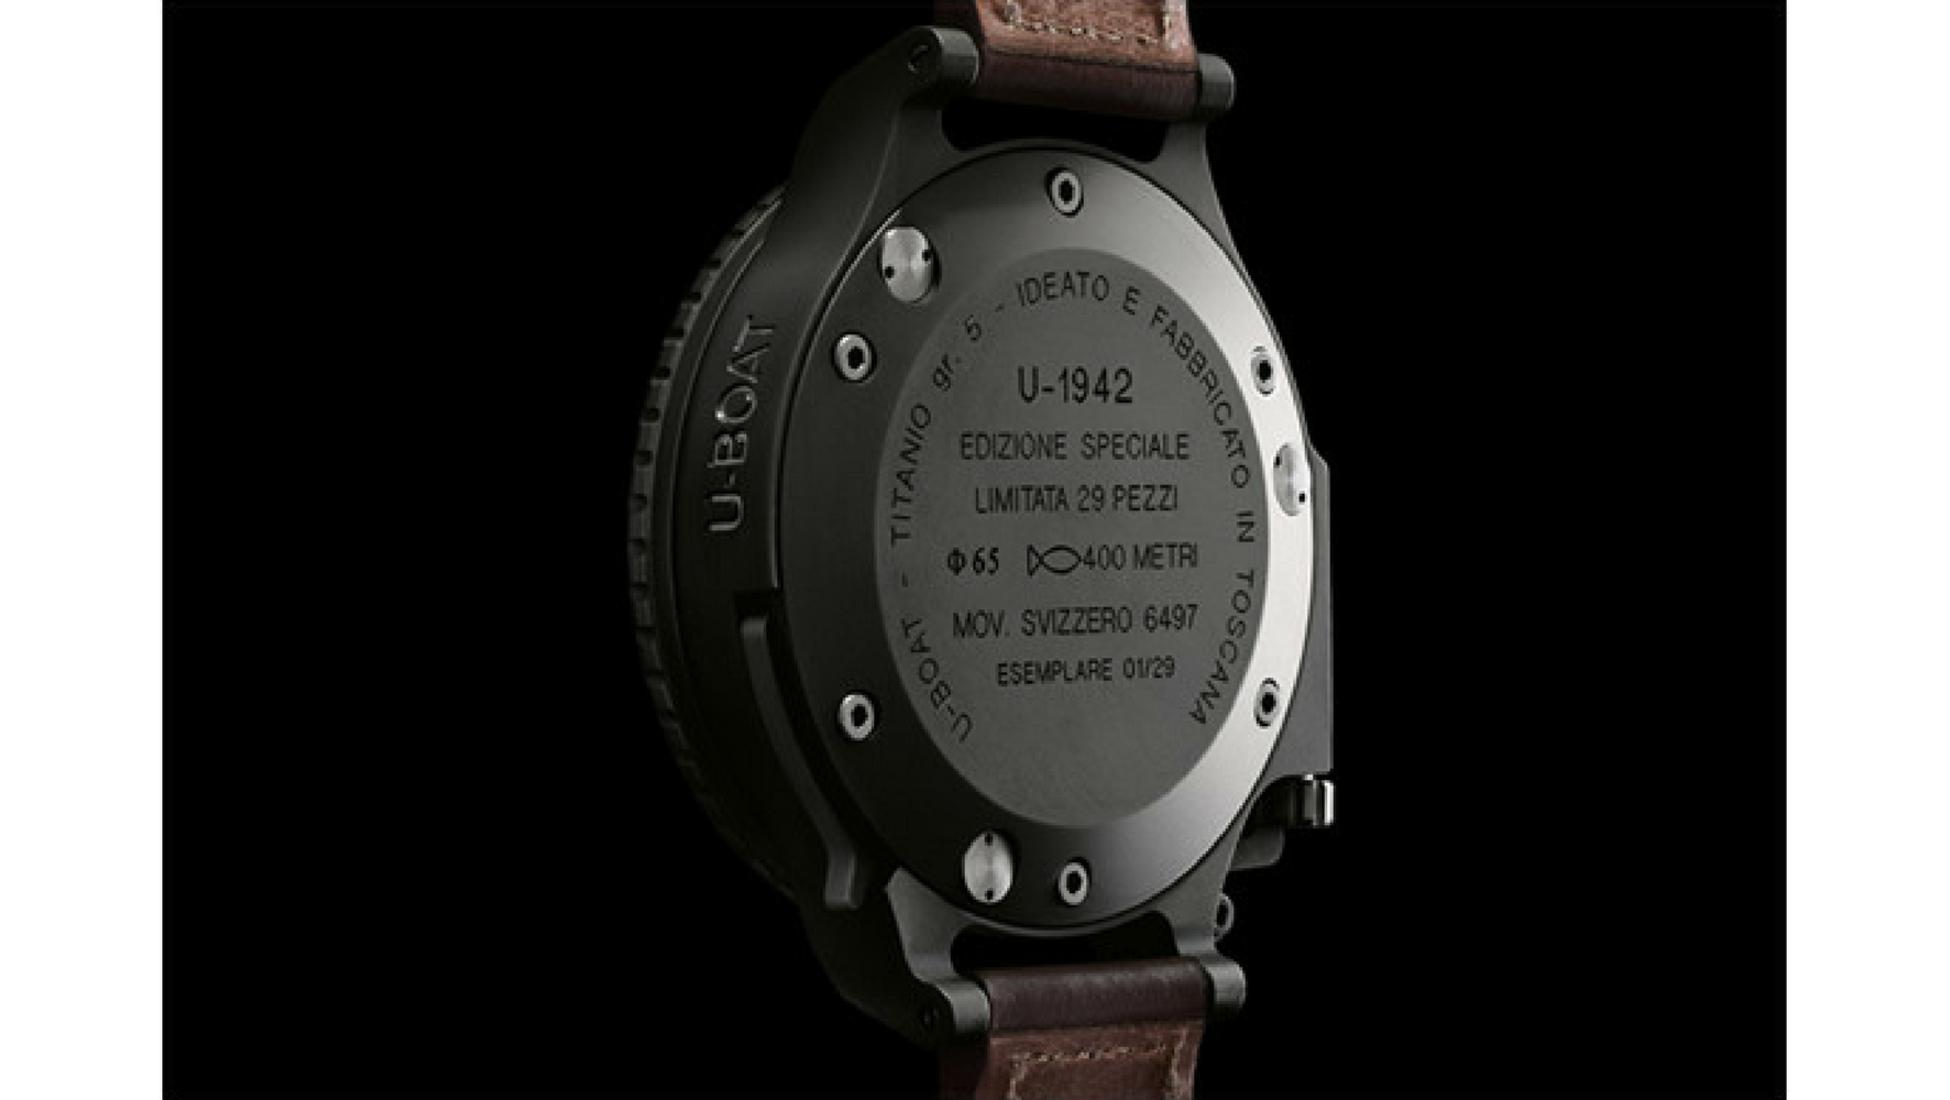 937fde0cc37a Los 5 relojes de pulsera más grandes - Catawiki